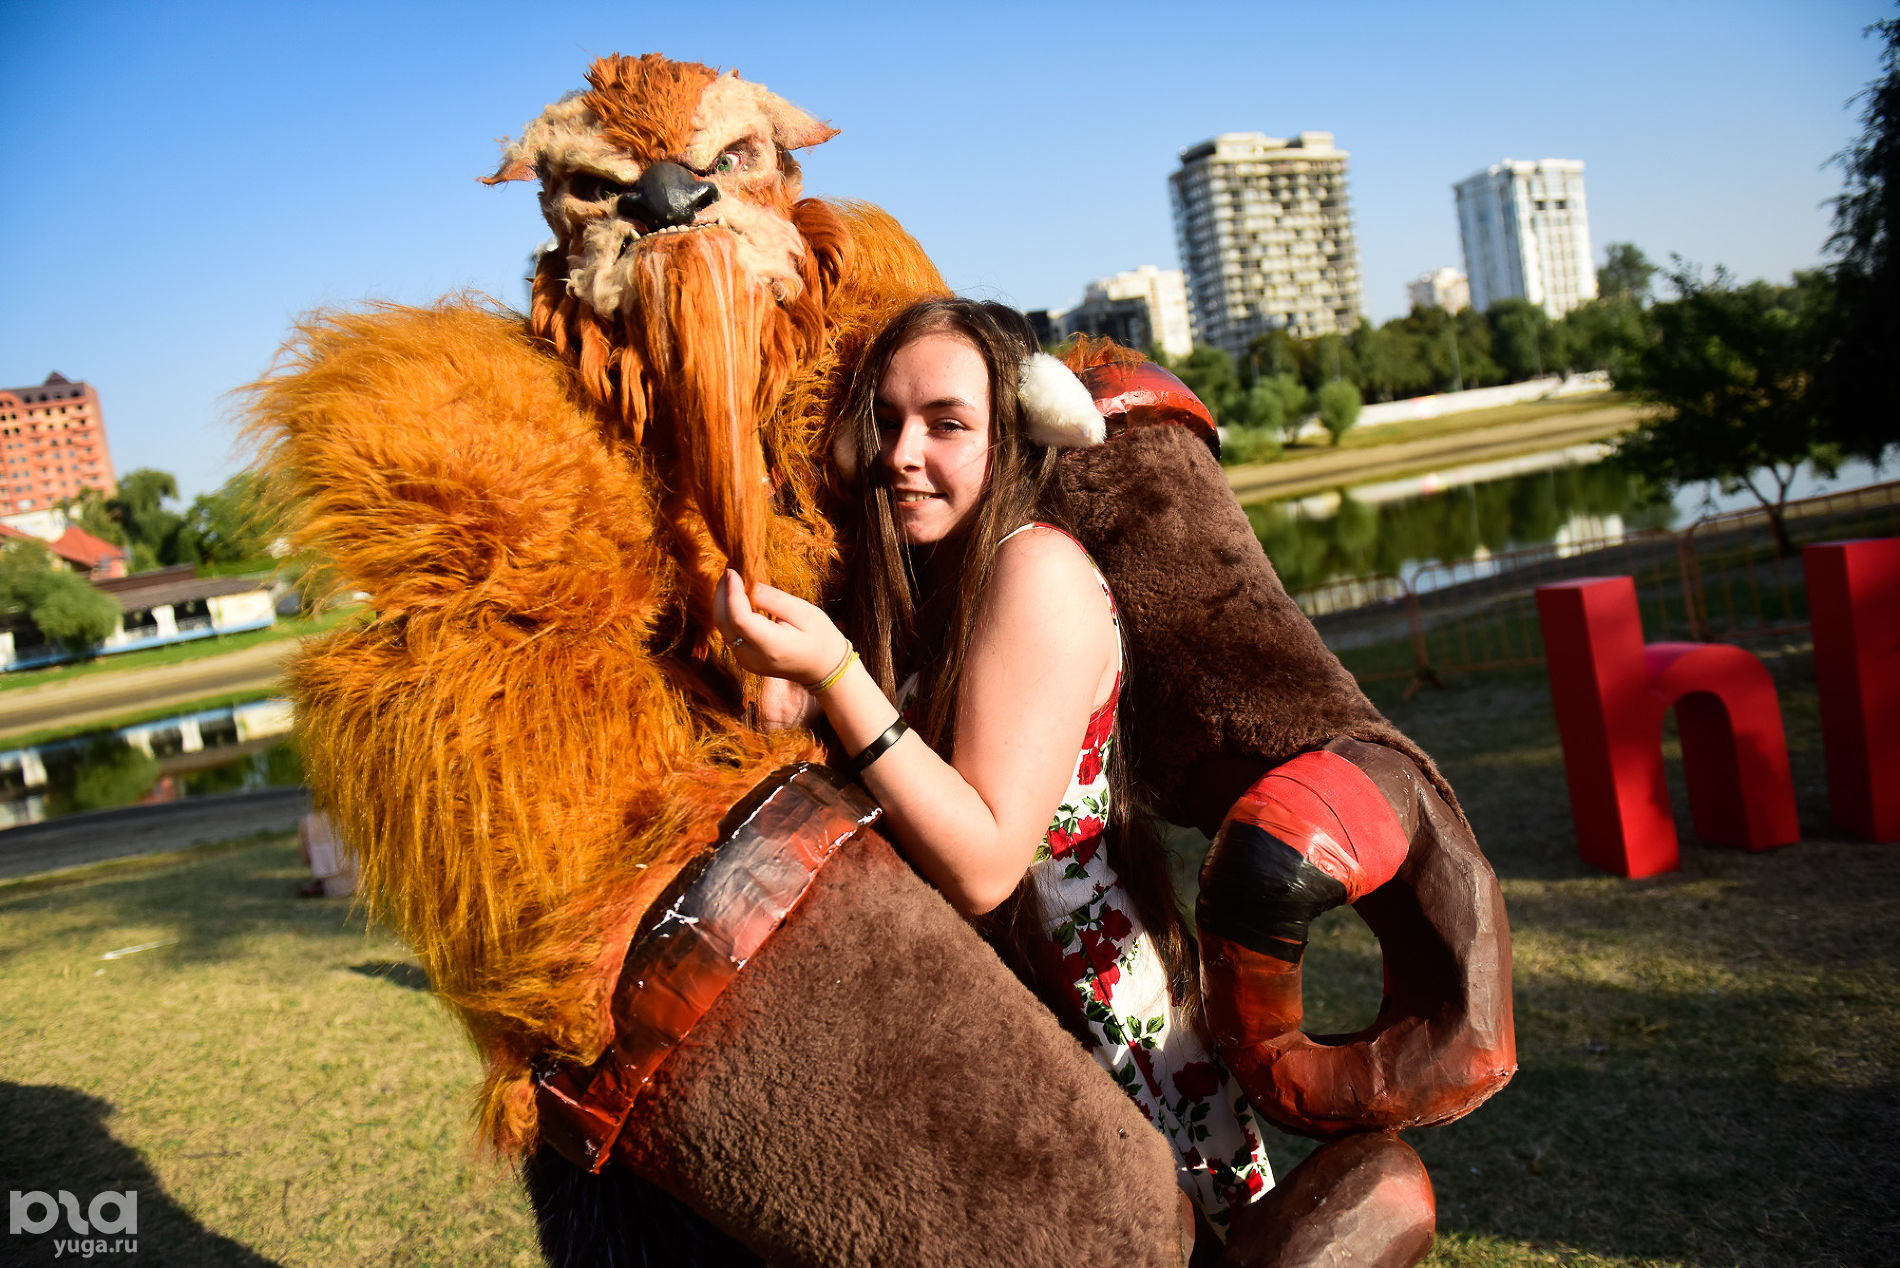 Фестиваль Geek Picnic в Краснодаре, 2017 год